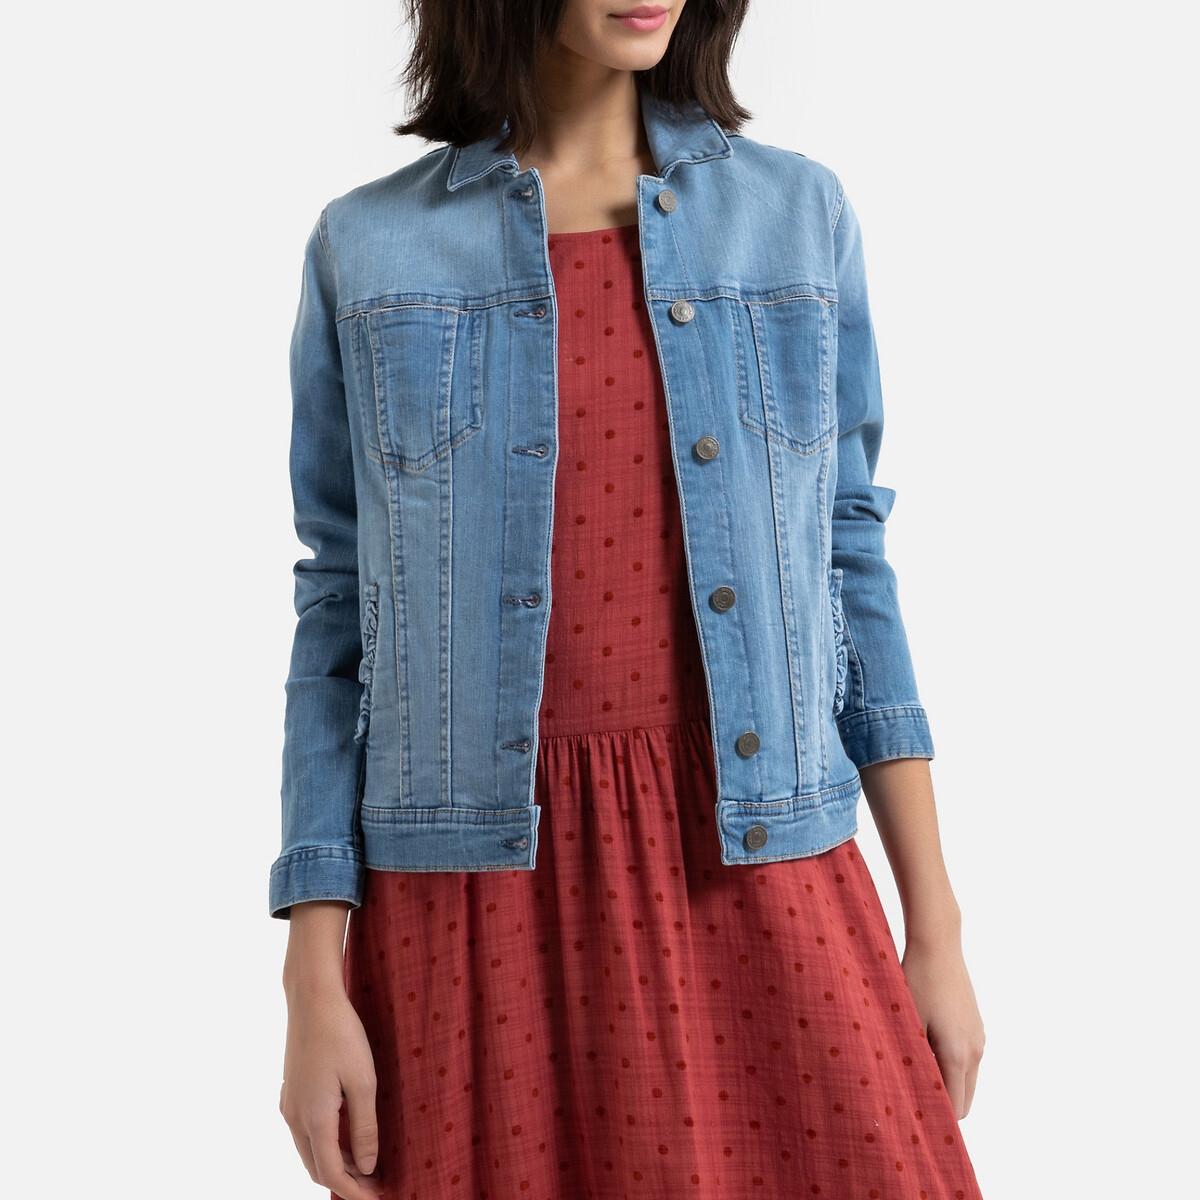 Куртка La Redoute Джинсовая 36 (FR) - 42 (RUS) синий платье la redoute радужное estelle 36 fr 42 rus черный